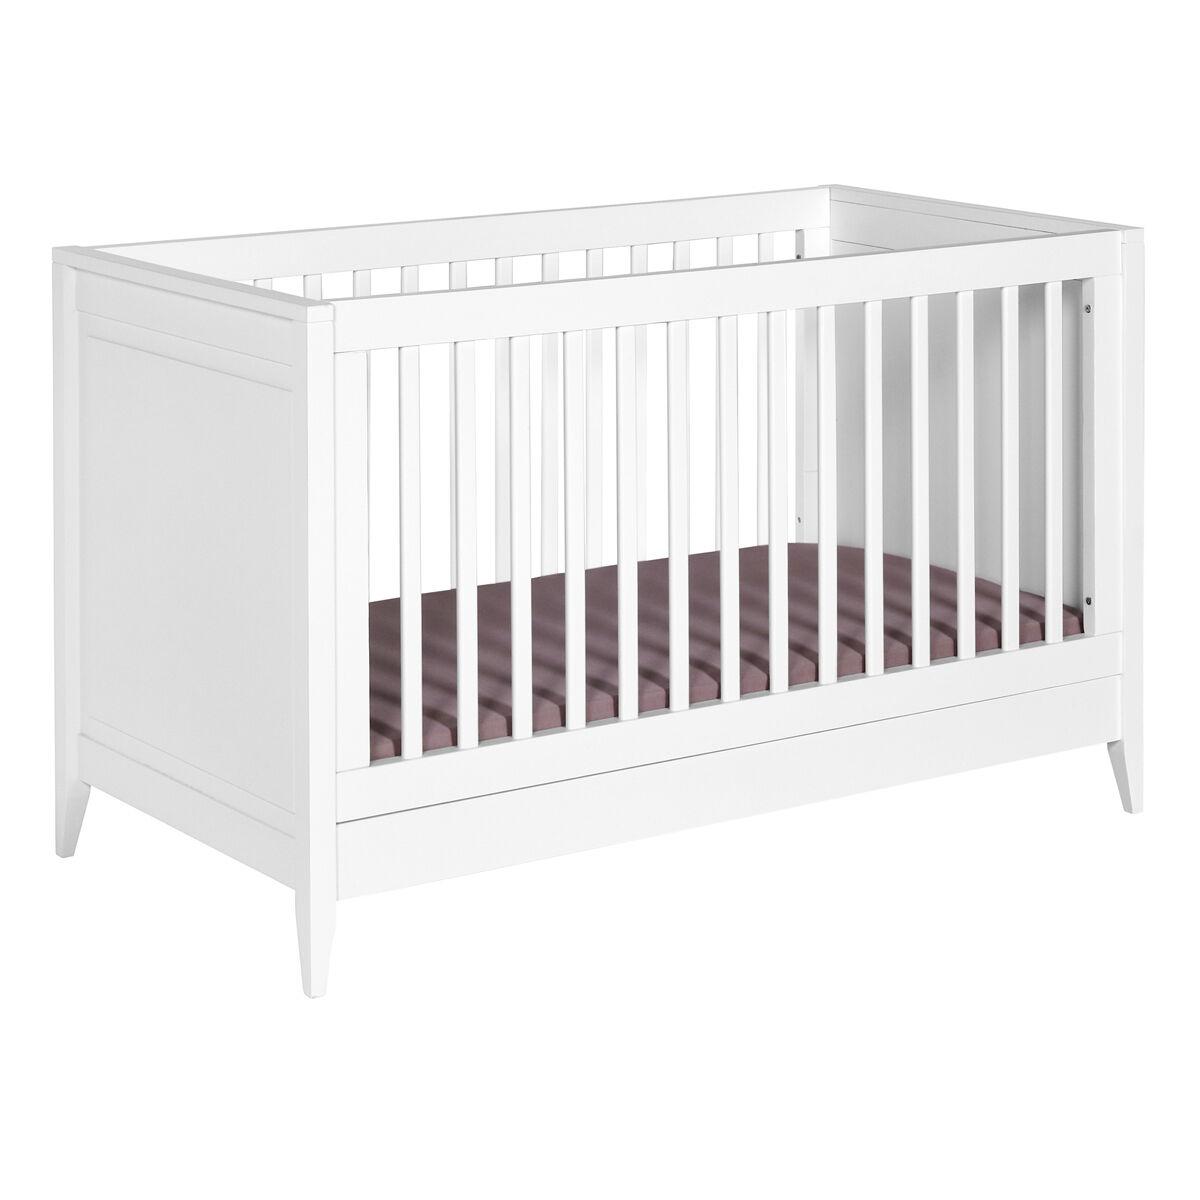 ID Kids Lit bébé évolutif, matelas Bois massif, MDF 70x140 Blanc